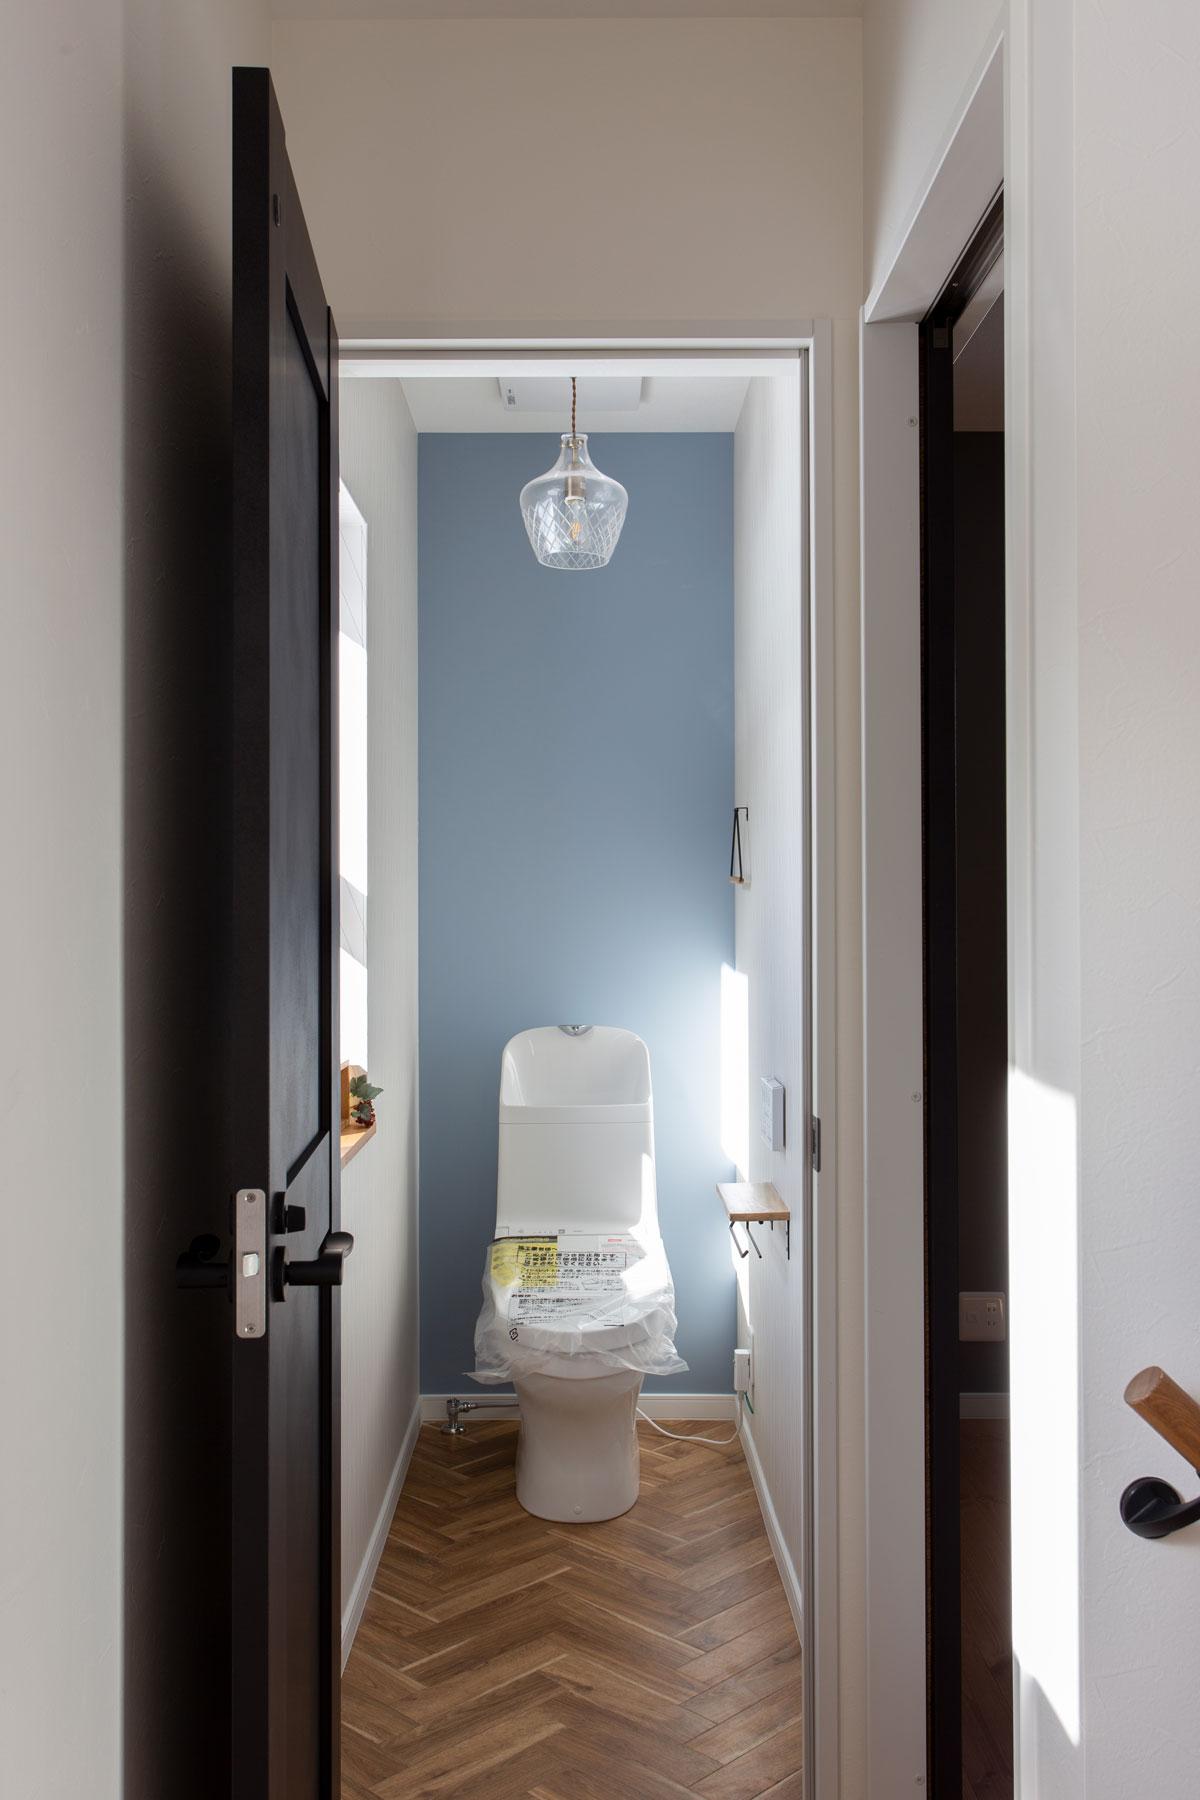 ブルーの壁紙でスタイリッシュなトイレ